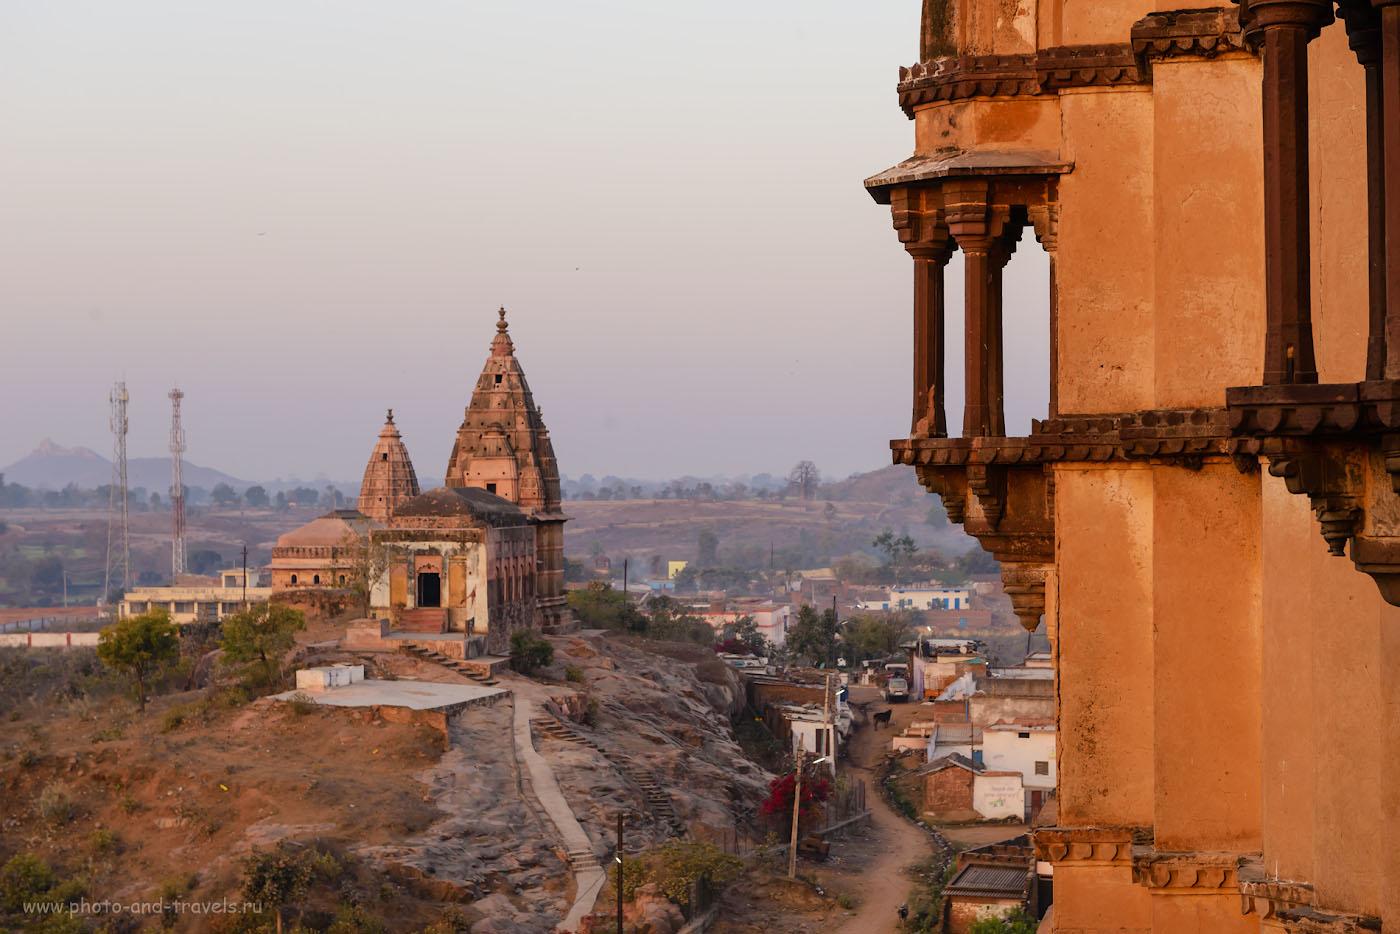 Фото 14. Вид со стен храма Чатурбхудж Мандир в Орчхе. Отзывы о поездках в Индию. 1/160, -0.67, 8.0, 450, 70.